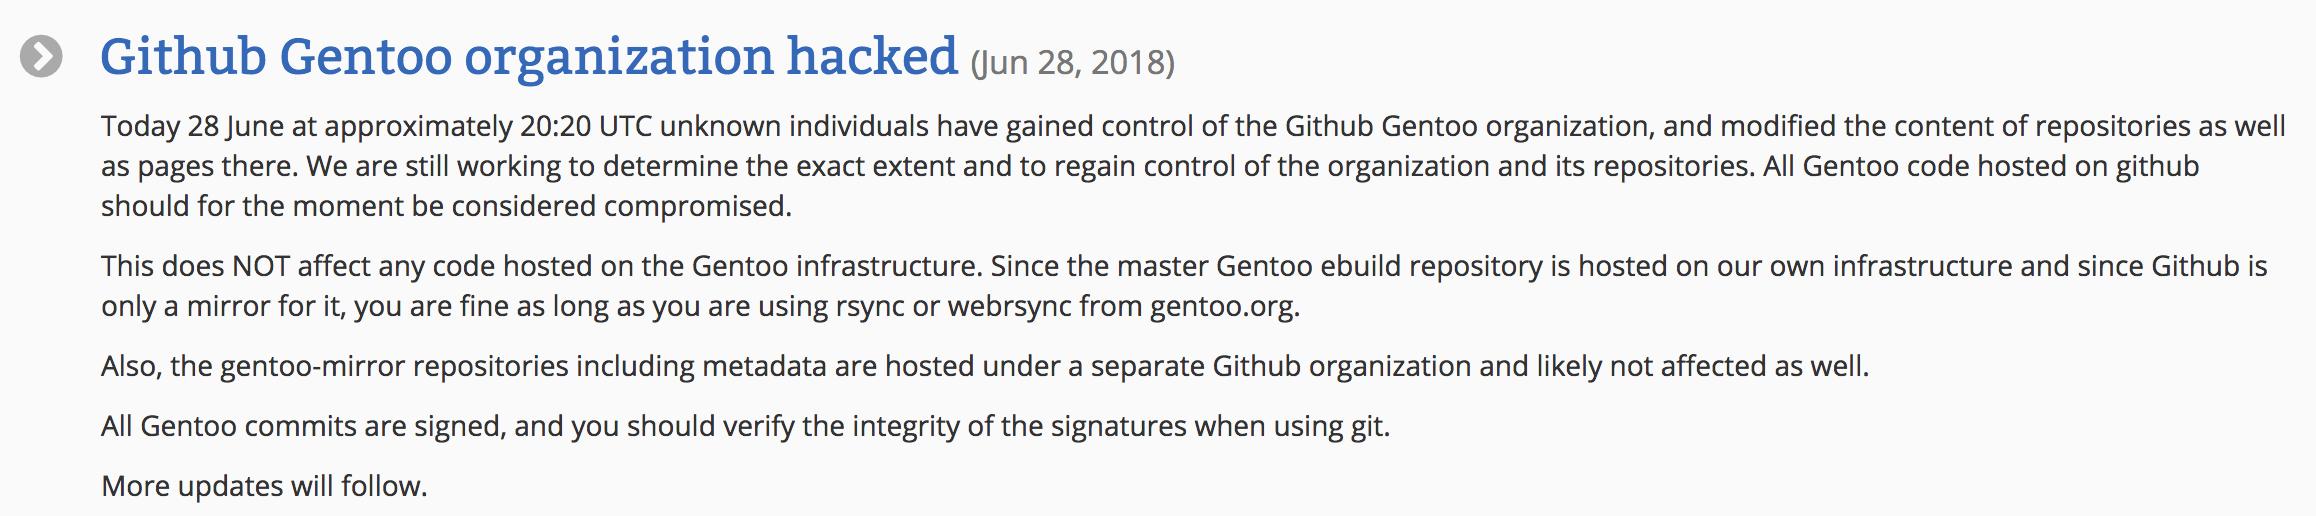 密码的锅,Gentoo 发布 GitHub 仓库被入侵事件报告